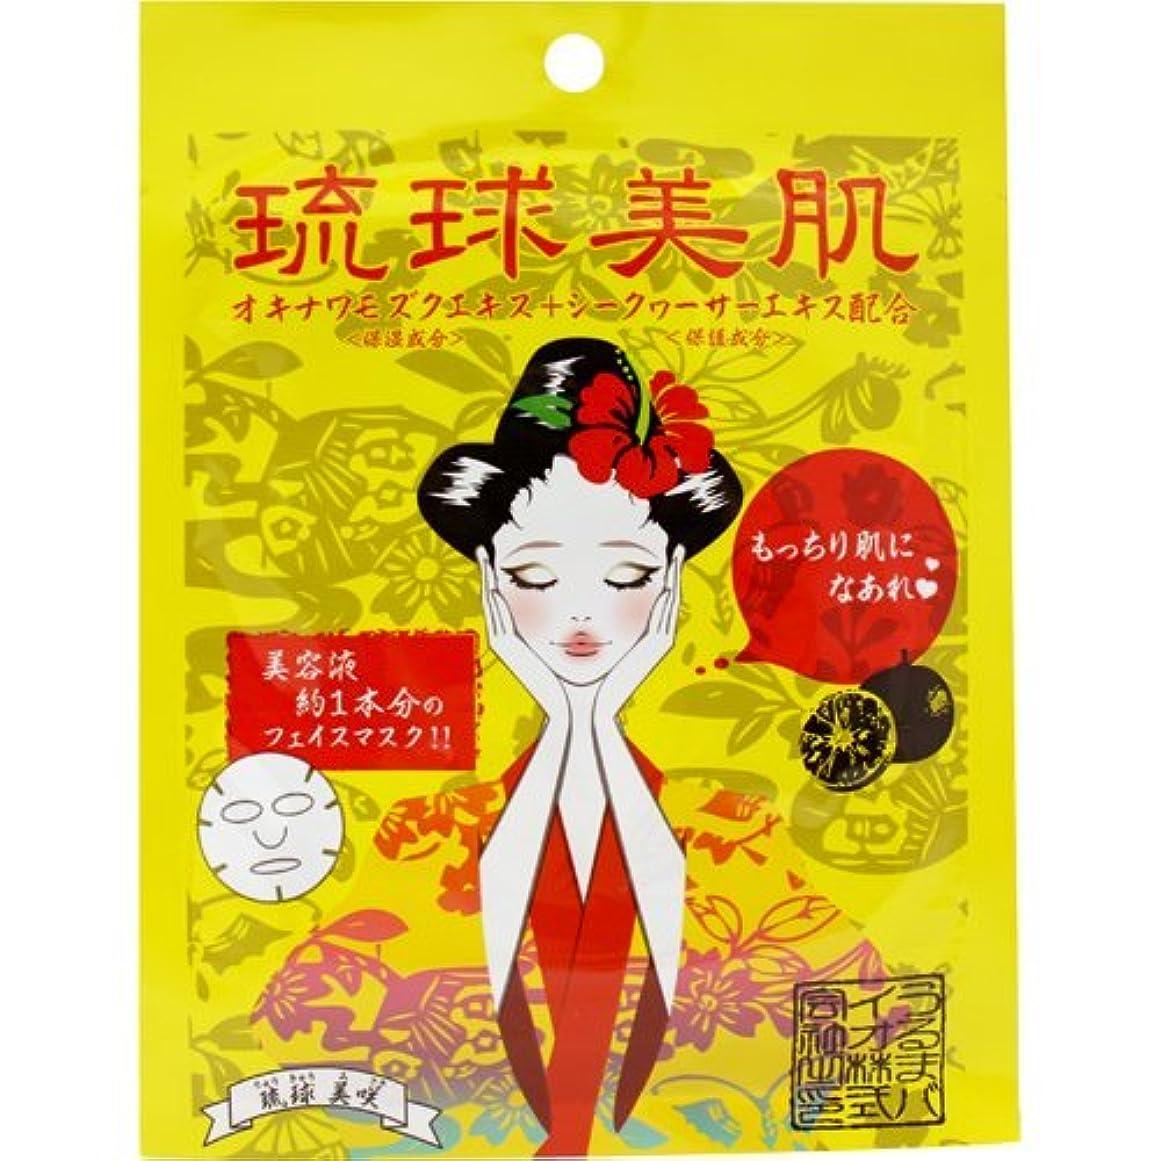 ハンドブック沿ってに応じて琉球美肌 フェイスマスクシート シークワーサー 10枚×2箱